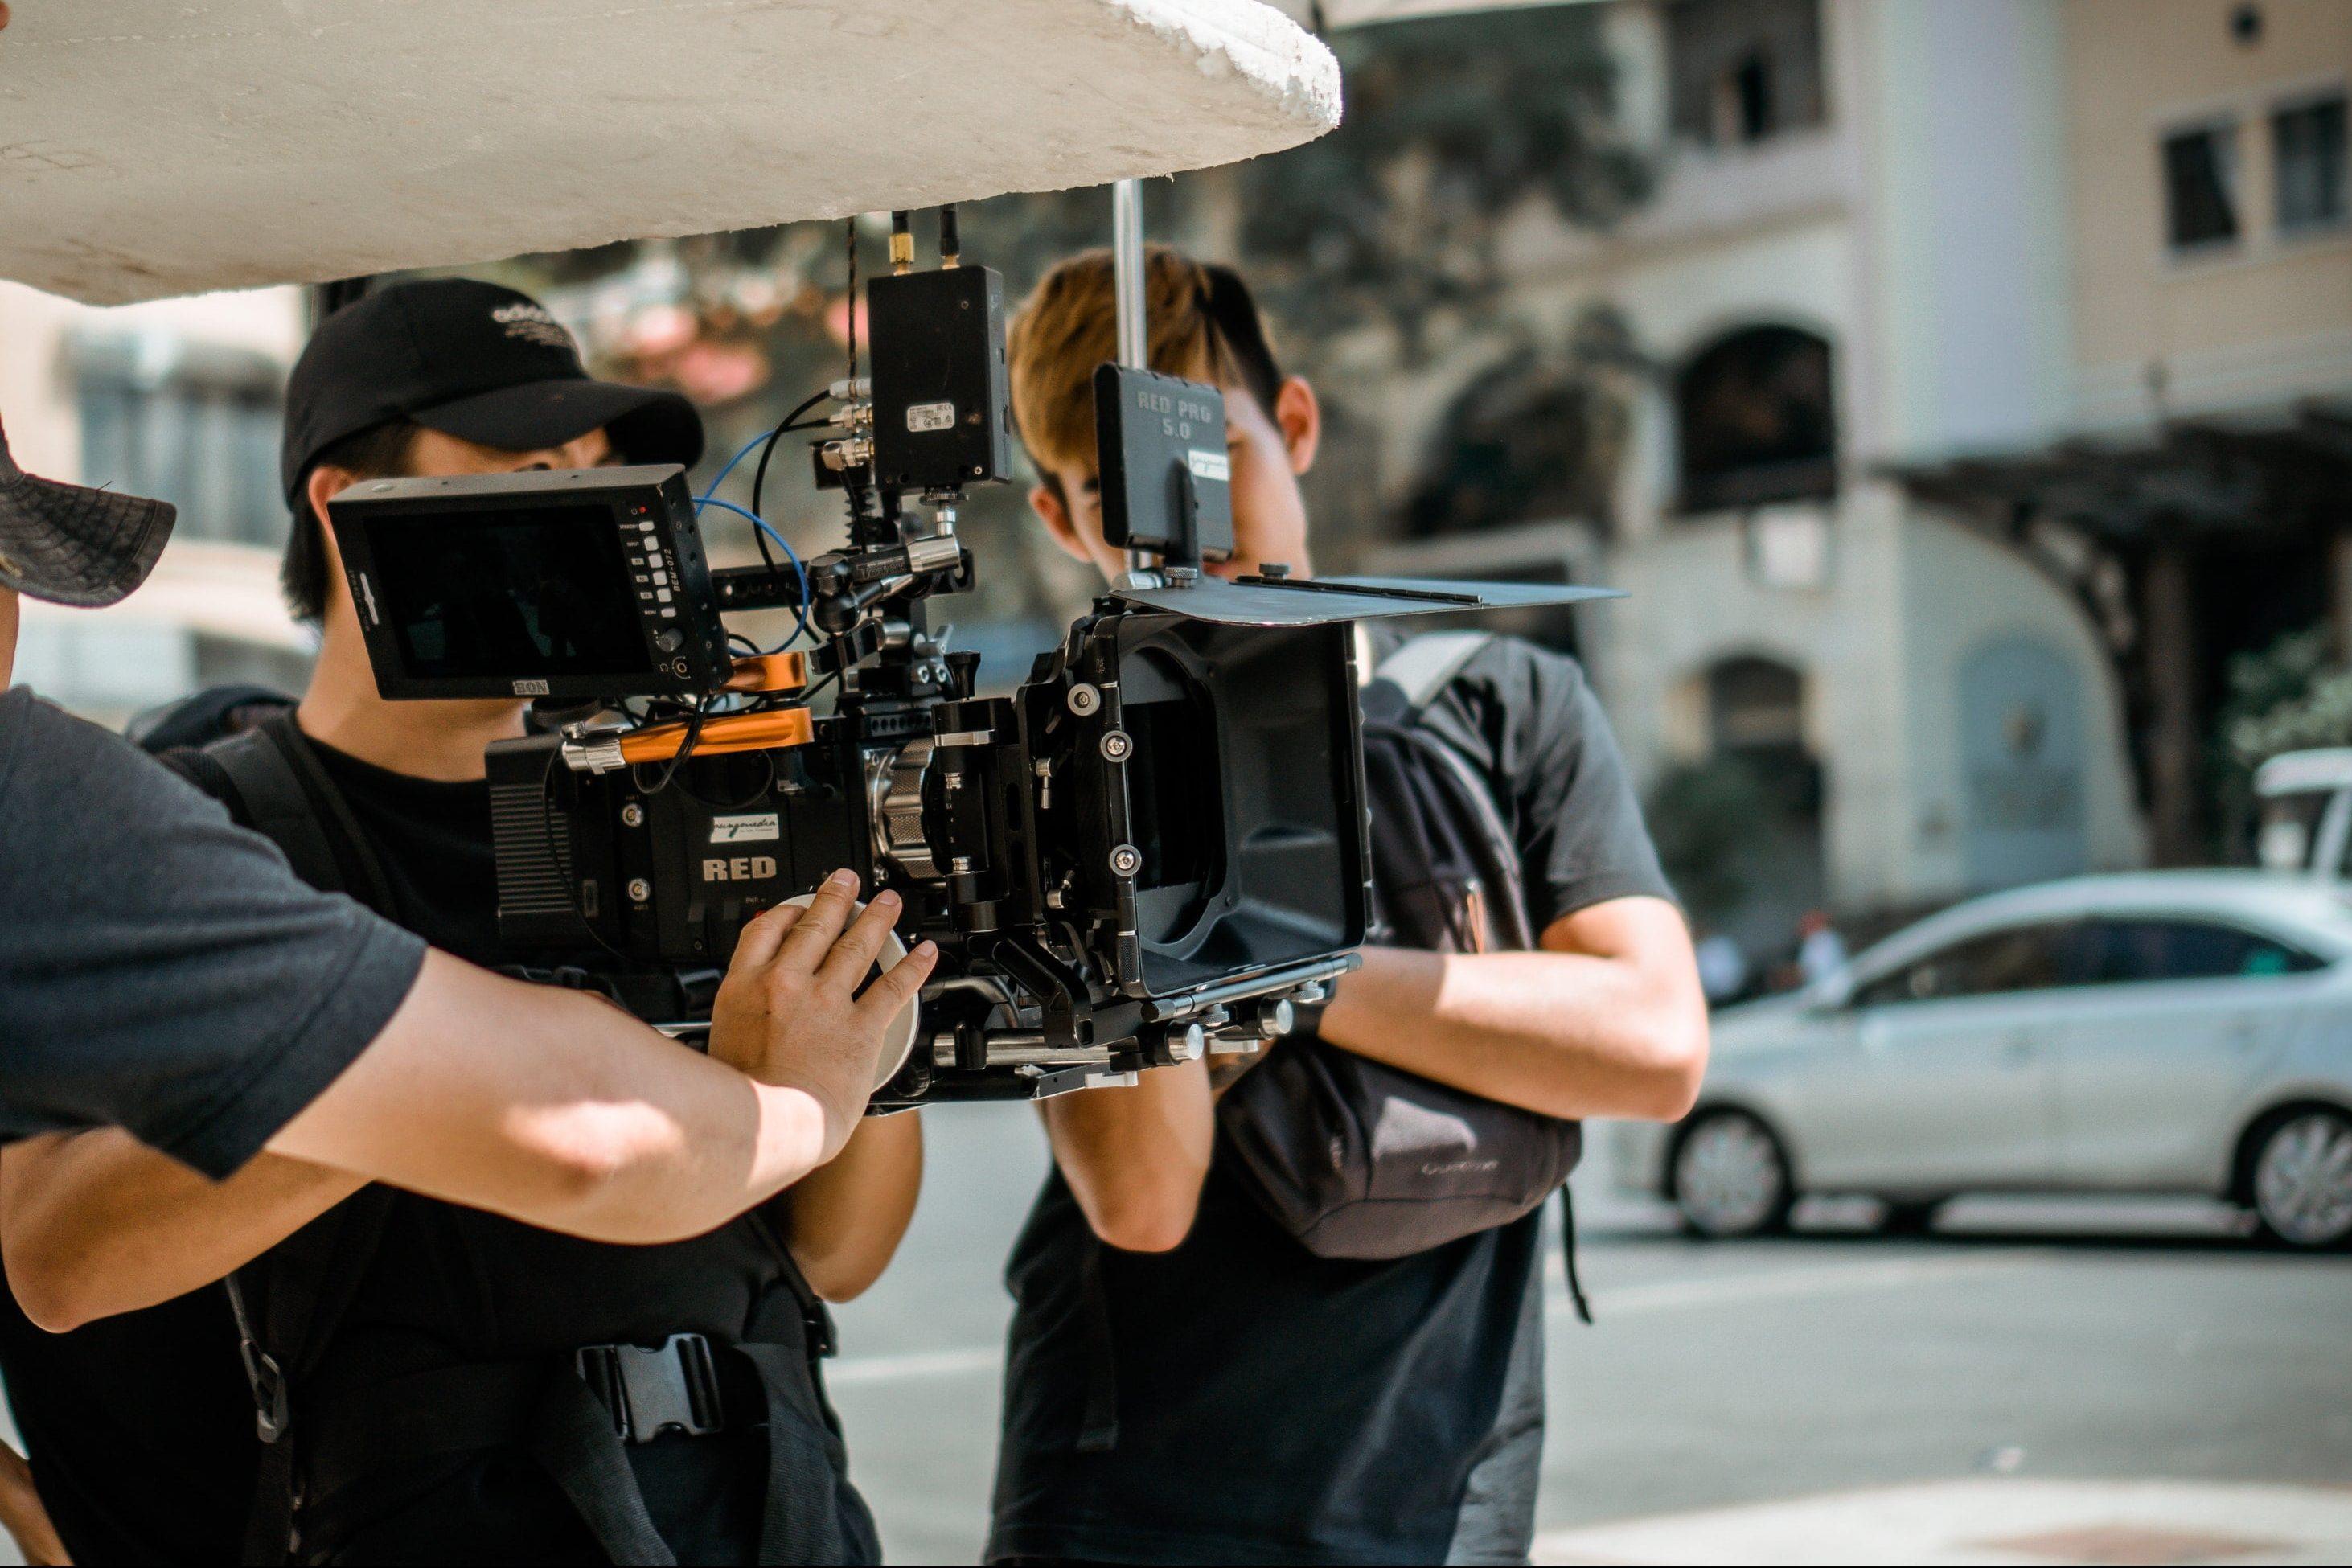 映像クリエイターに必要な機材とは?揃えておきたいアイテムを解説!